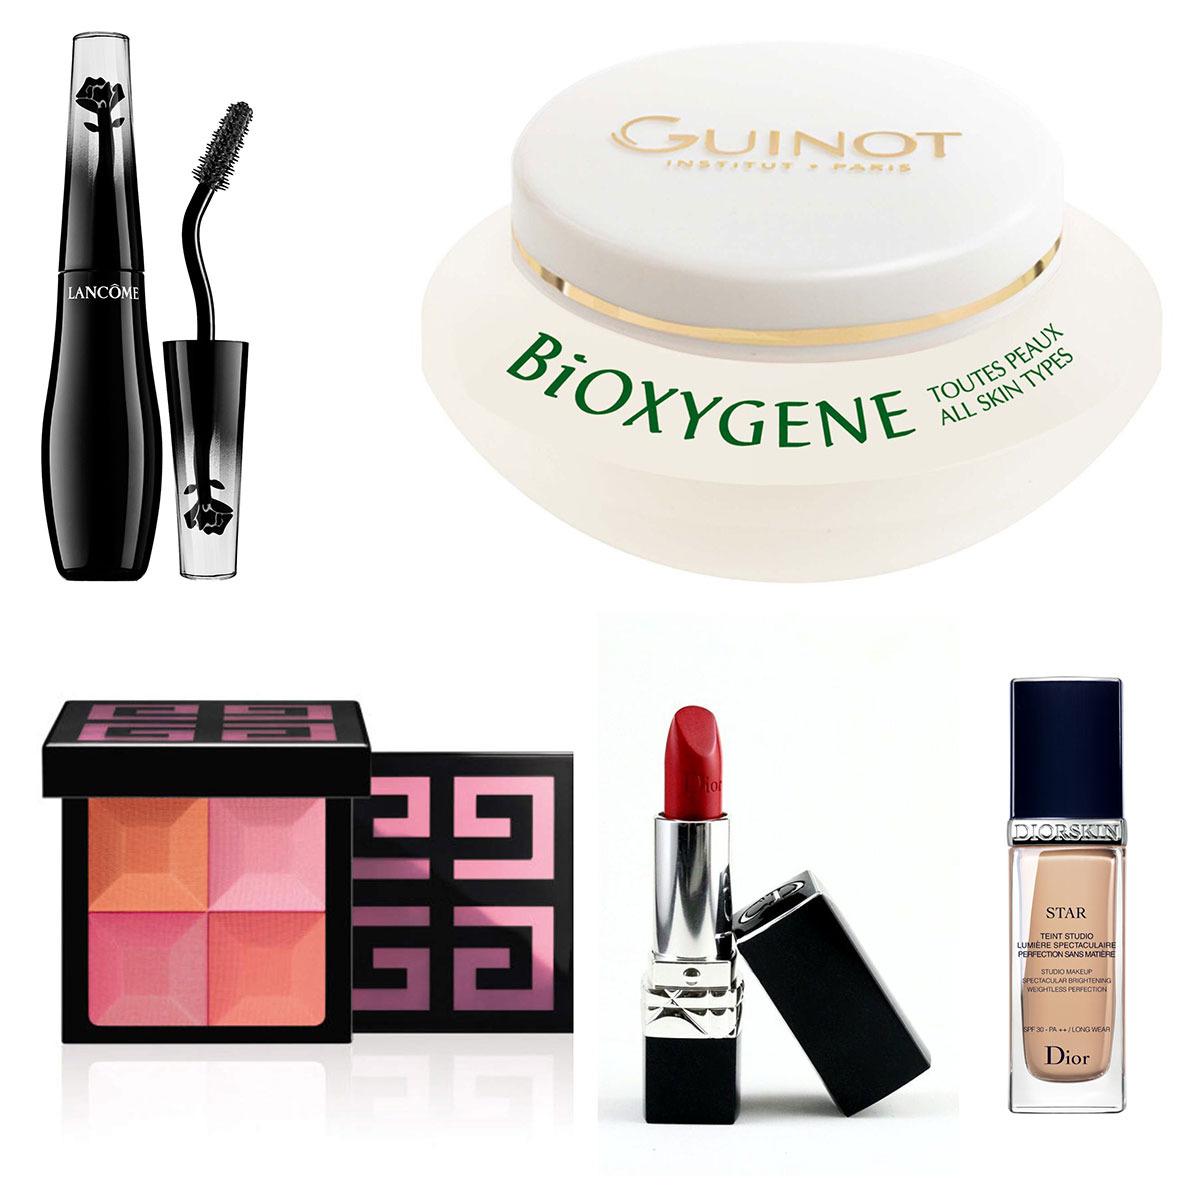 crema-de-fata-bioxygene-de-la-guinot-mascara-lancome-ruj-rosu-dior-blush-le-prisme-givency